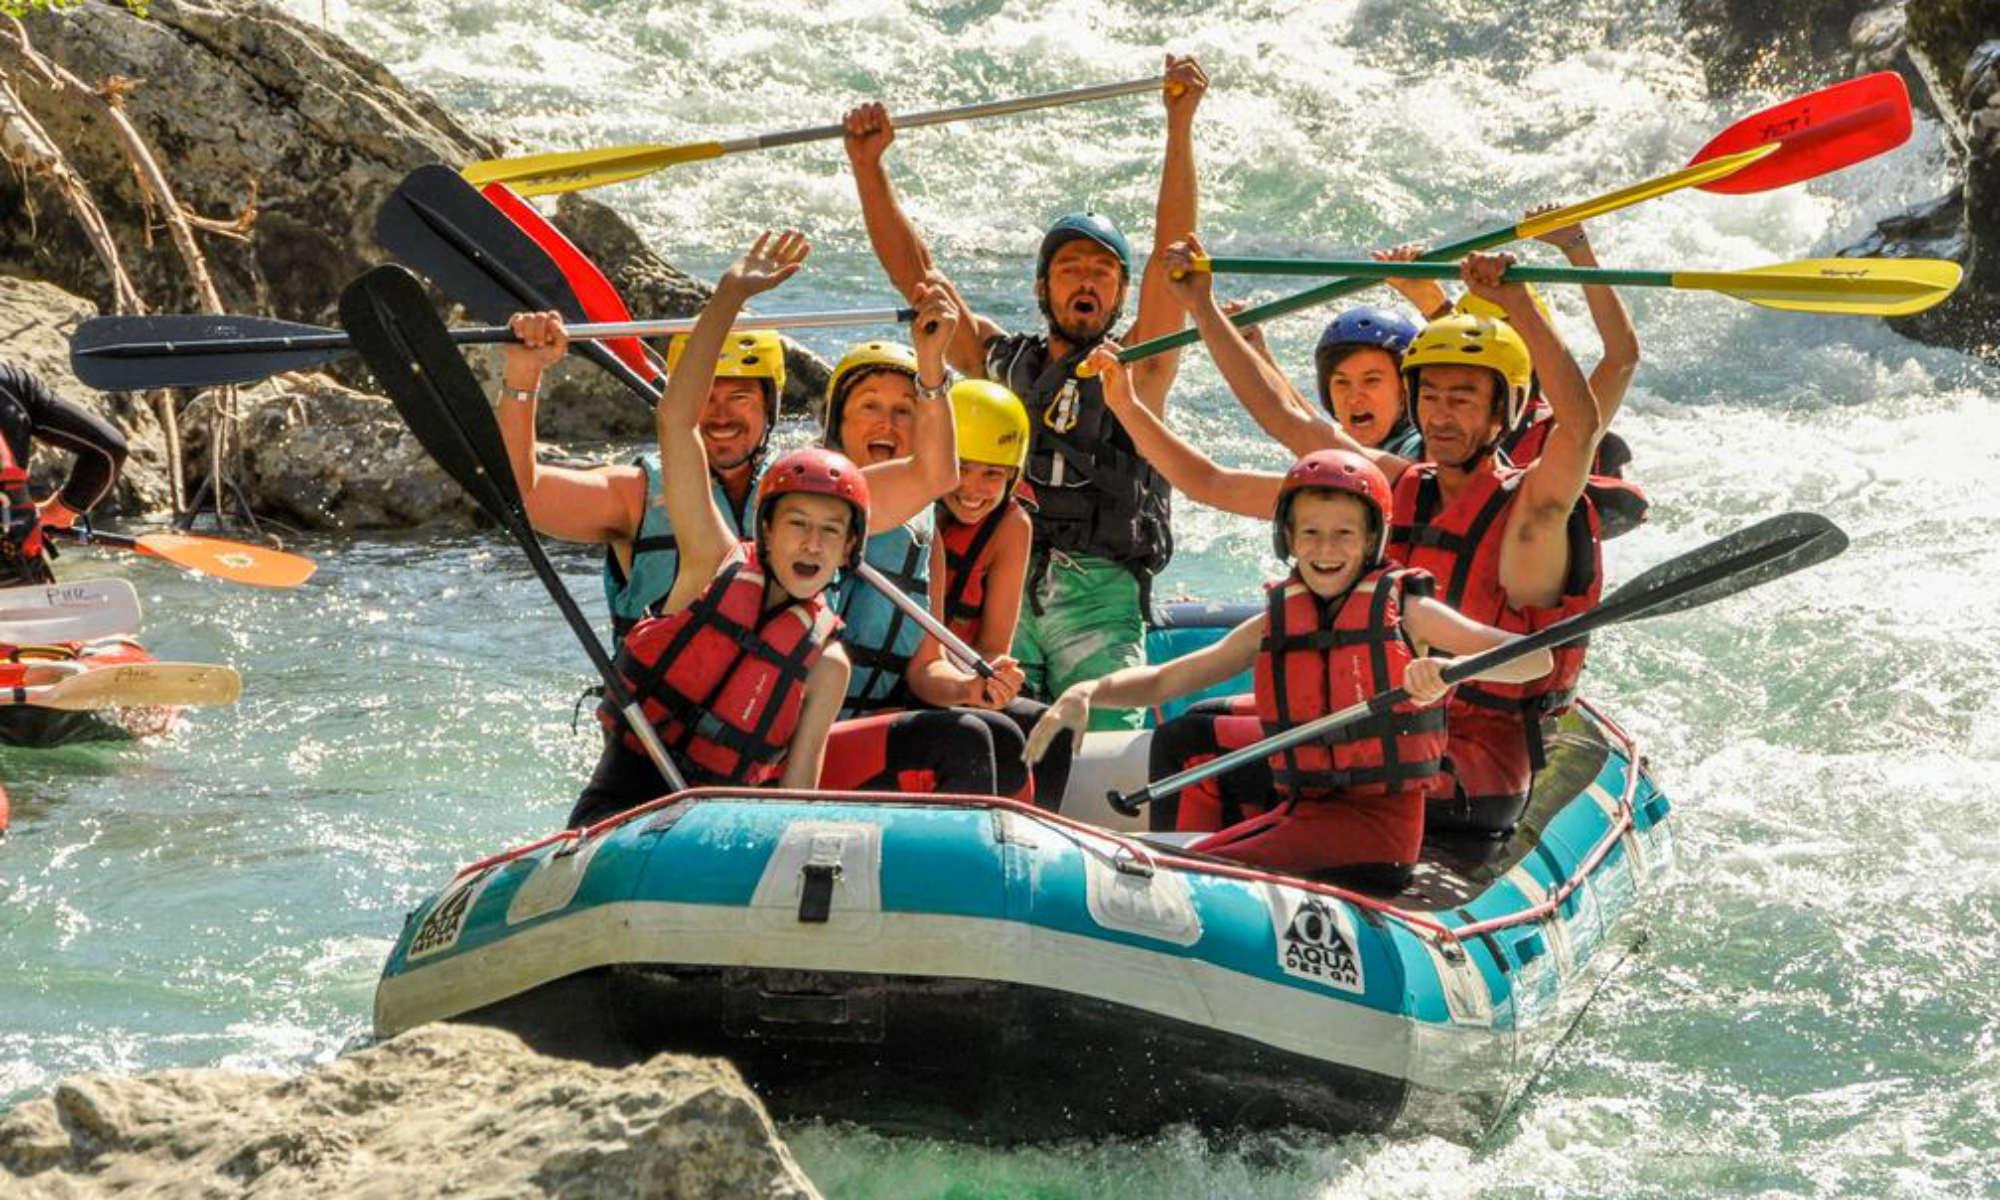 L'equipaggio del raft è in posa sorridente.